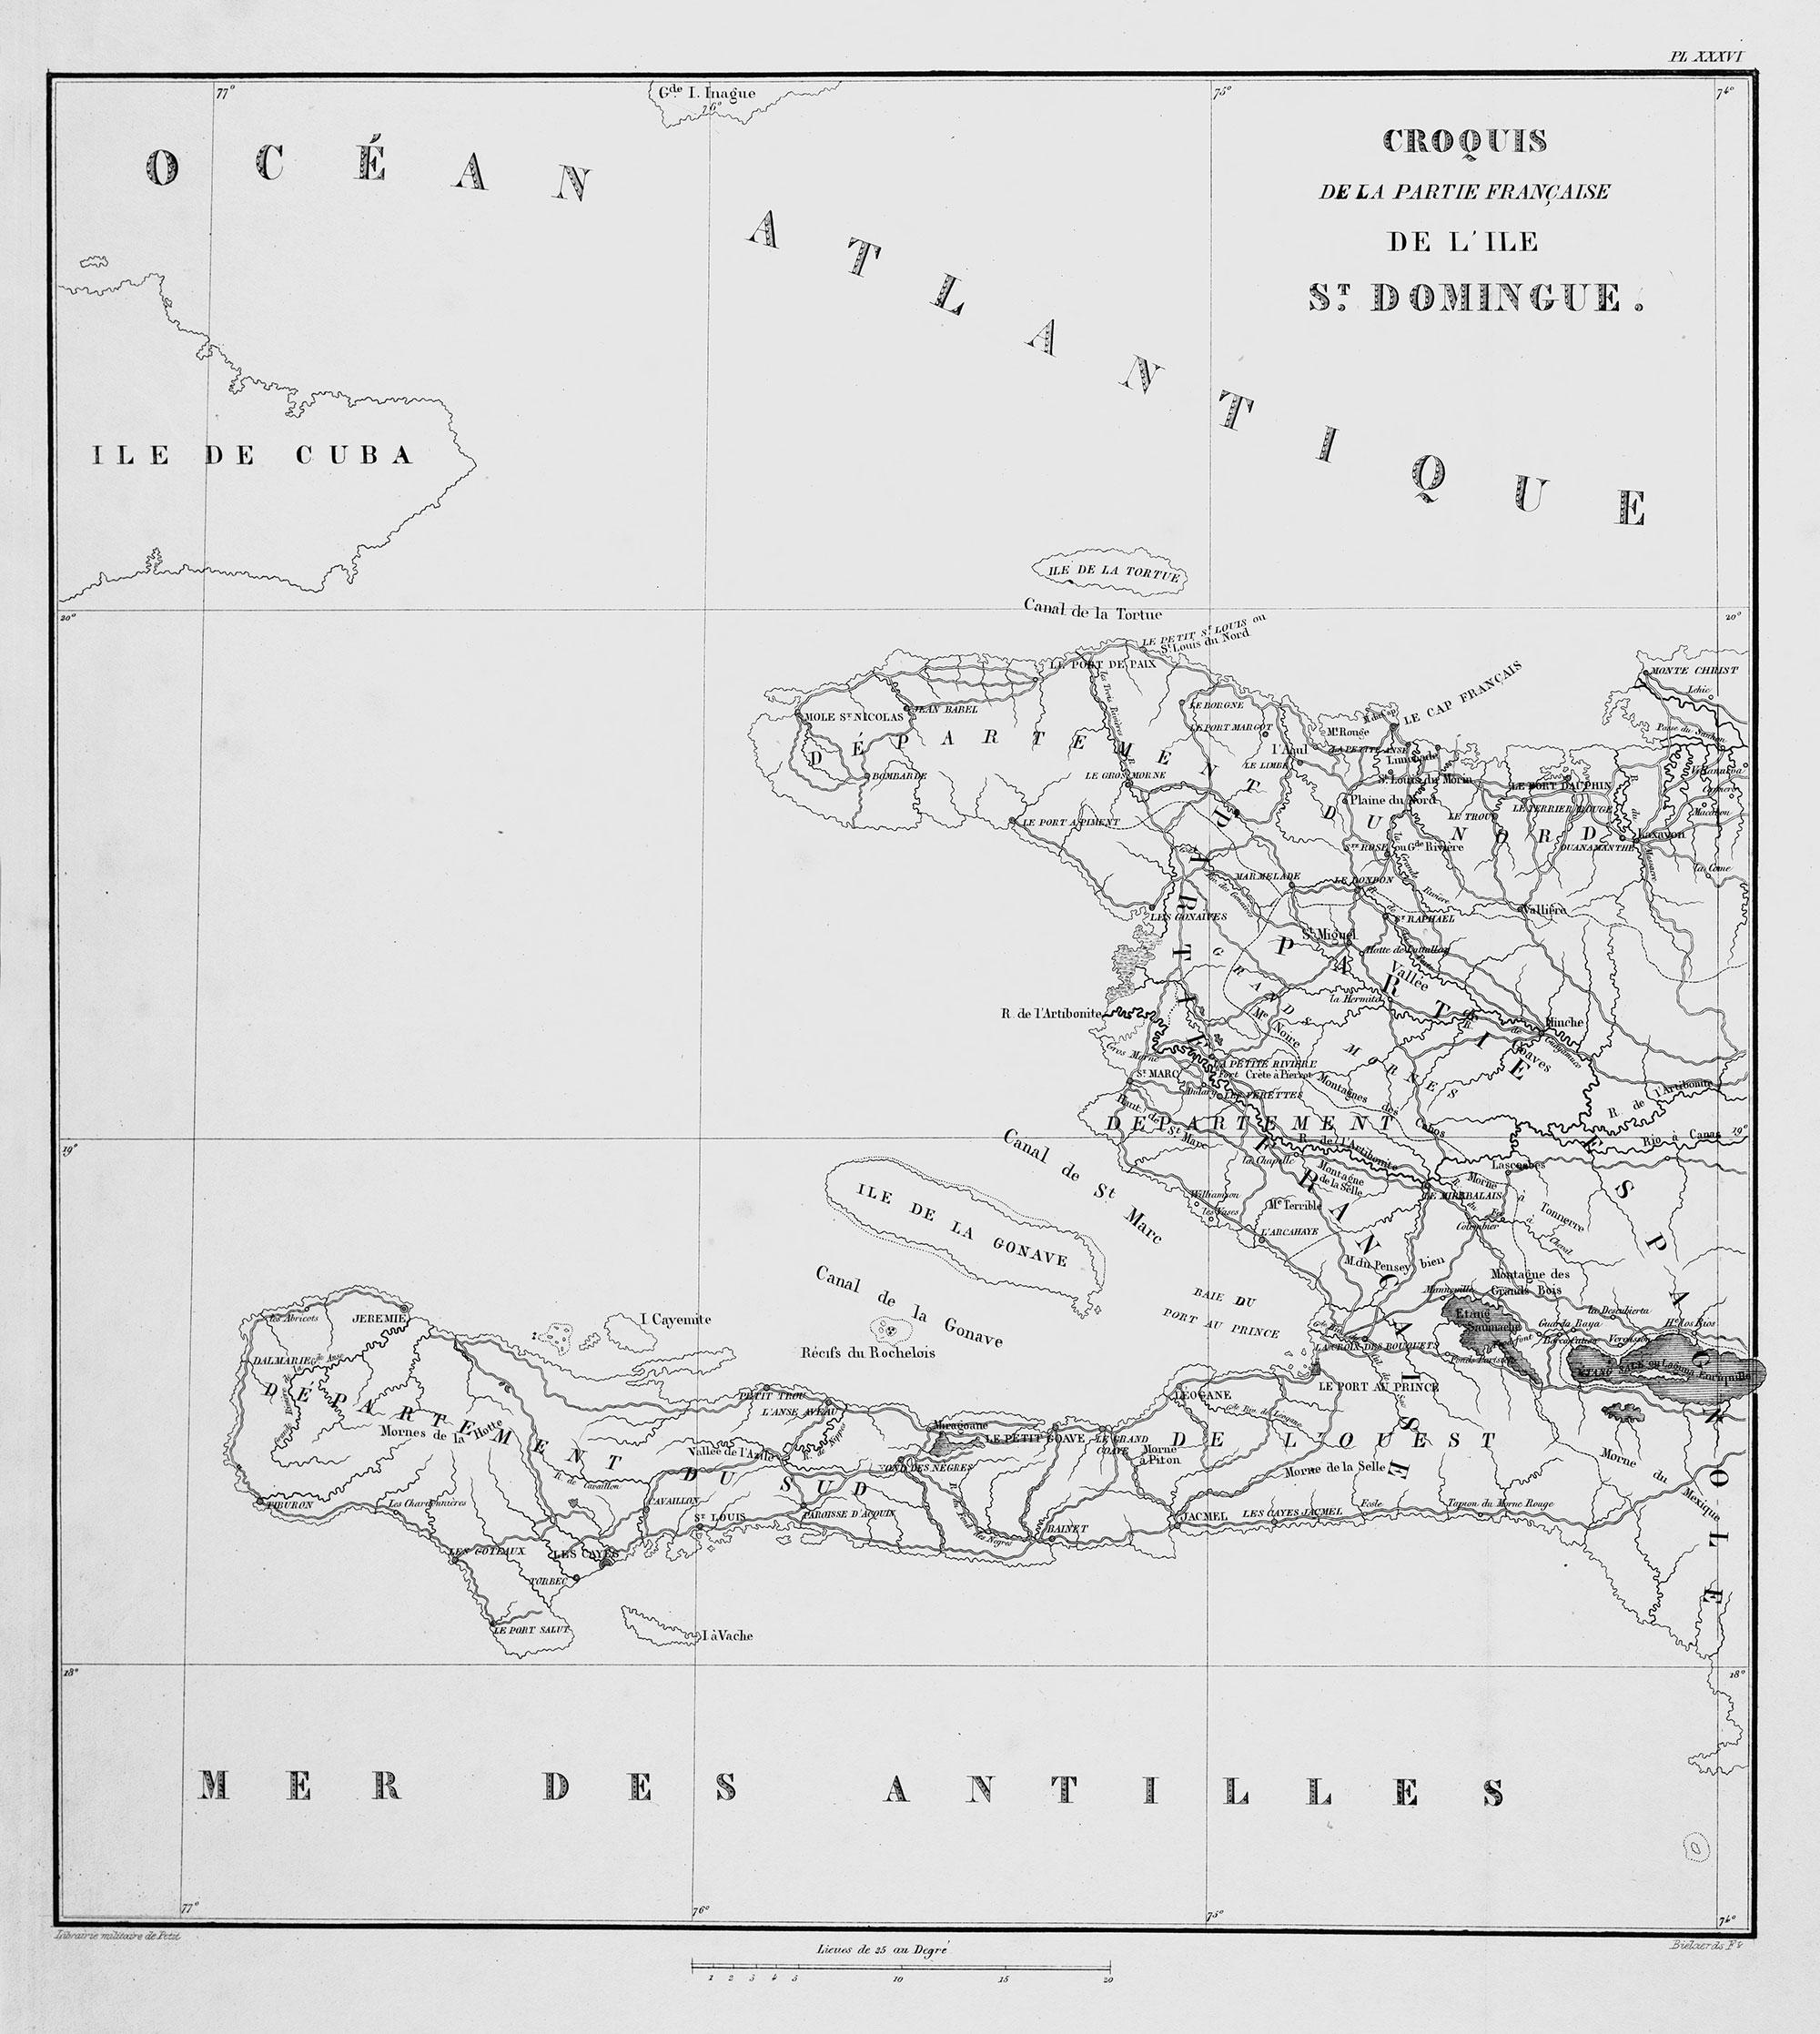 Croquis de la Partie Francaise de l'Ile de Saint Domingue